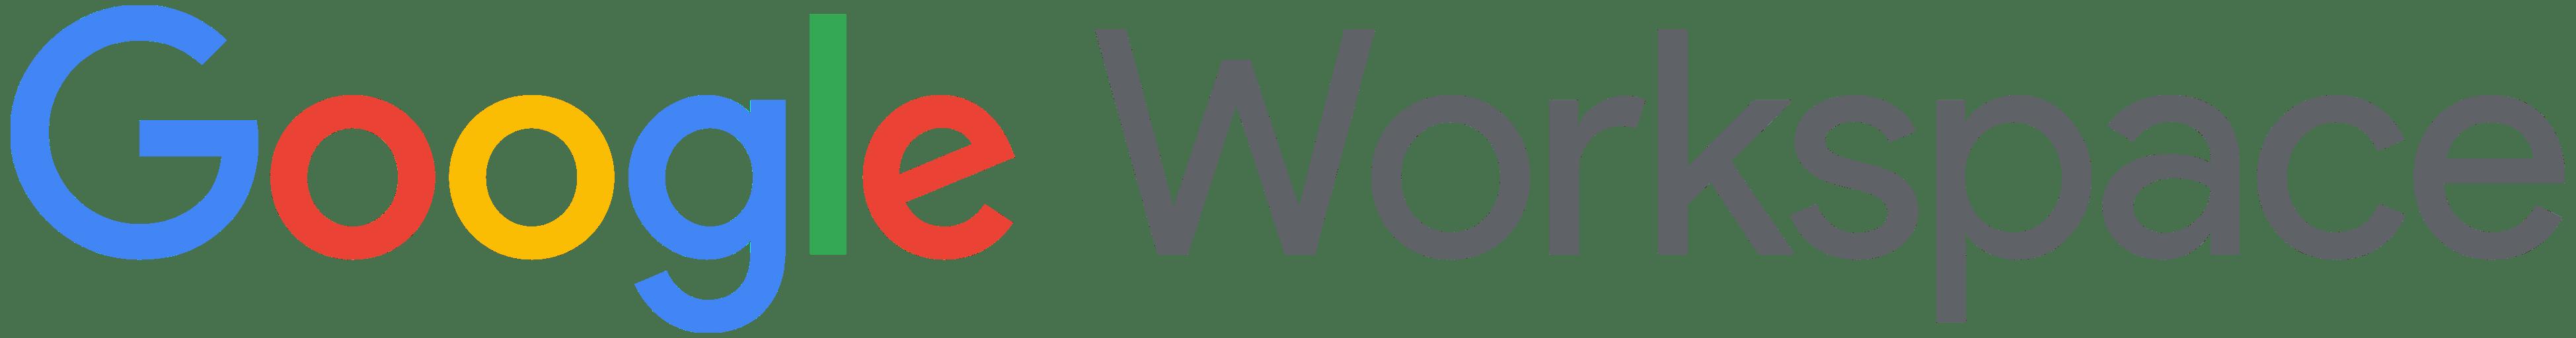 Google Workspace: applicazioni aziendali per il lavoro di team anche a distanza